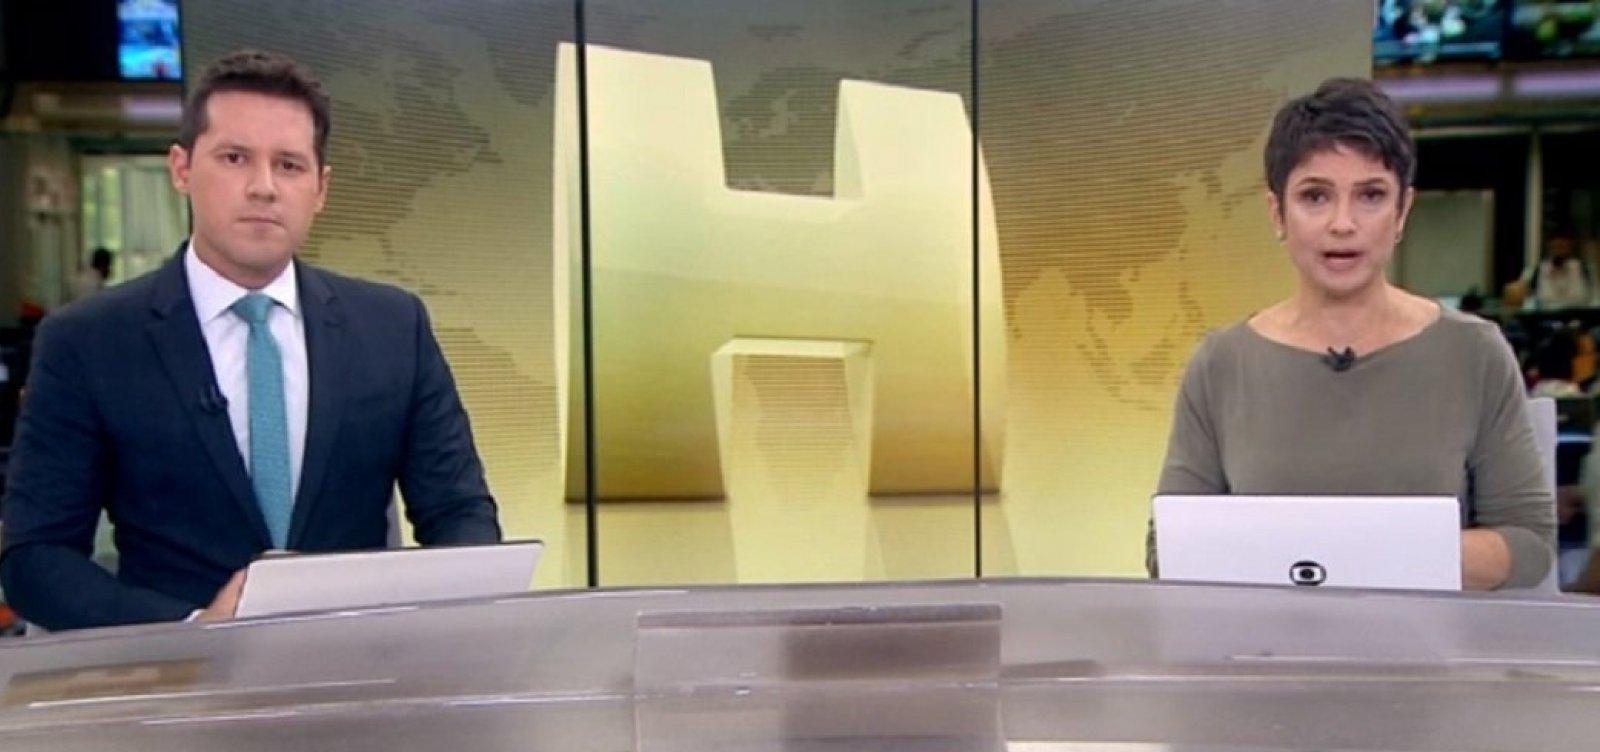 [Globo faz reunião de emergência após 'Jornal Hoje' perder de novo para Record]